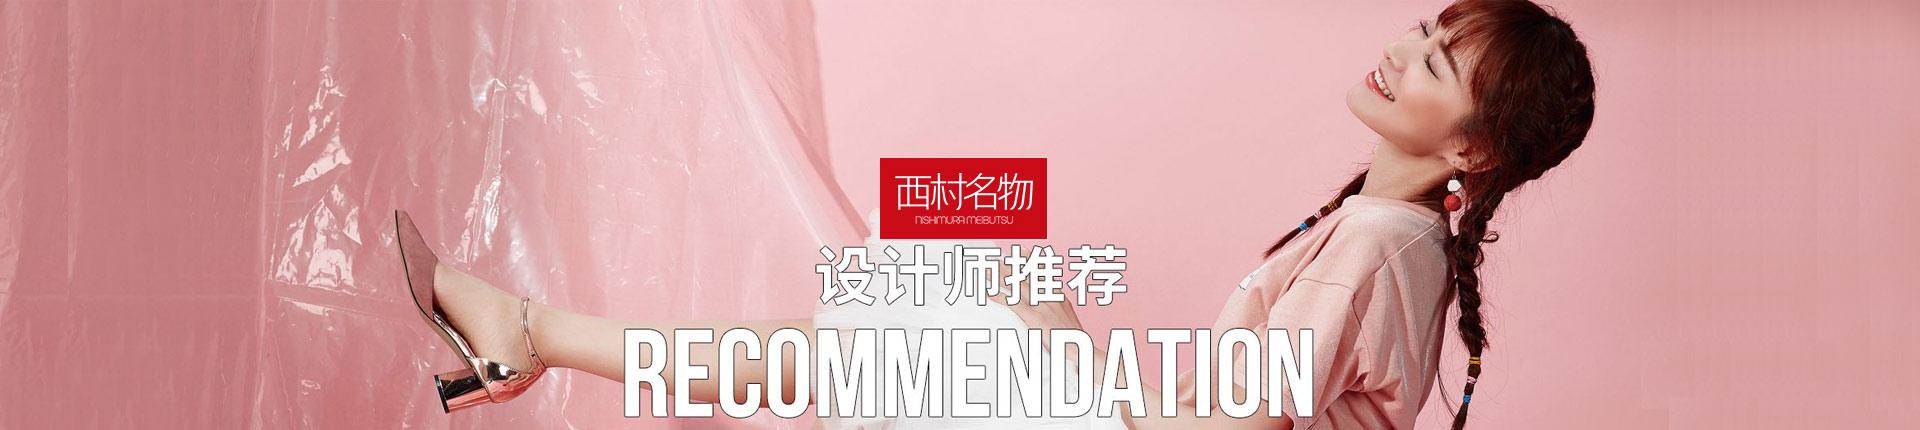 西村名物官方网站